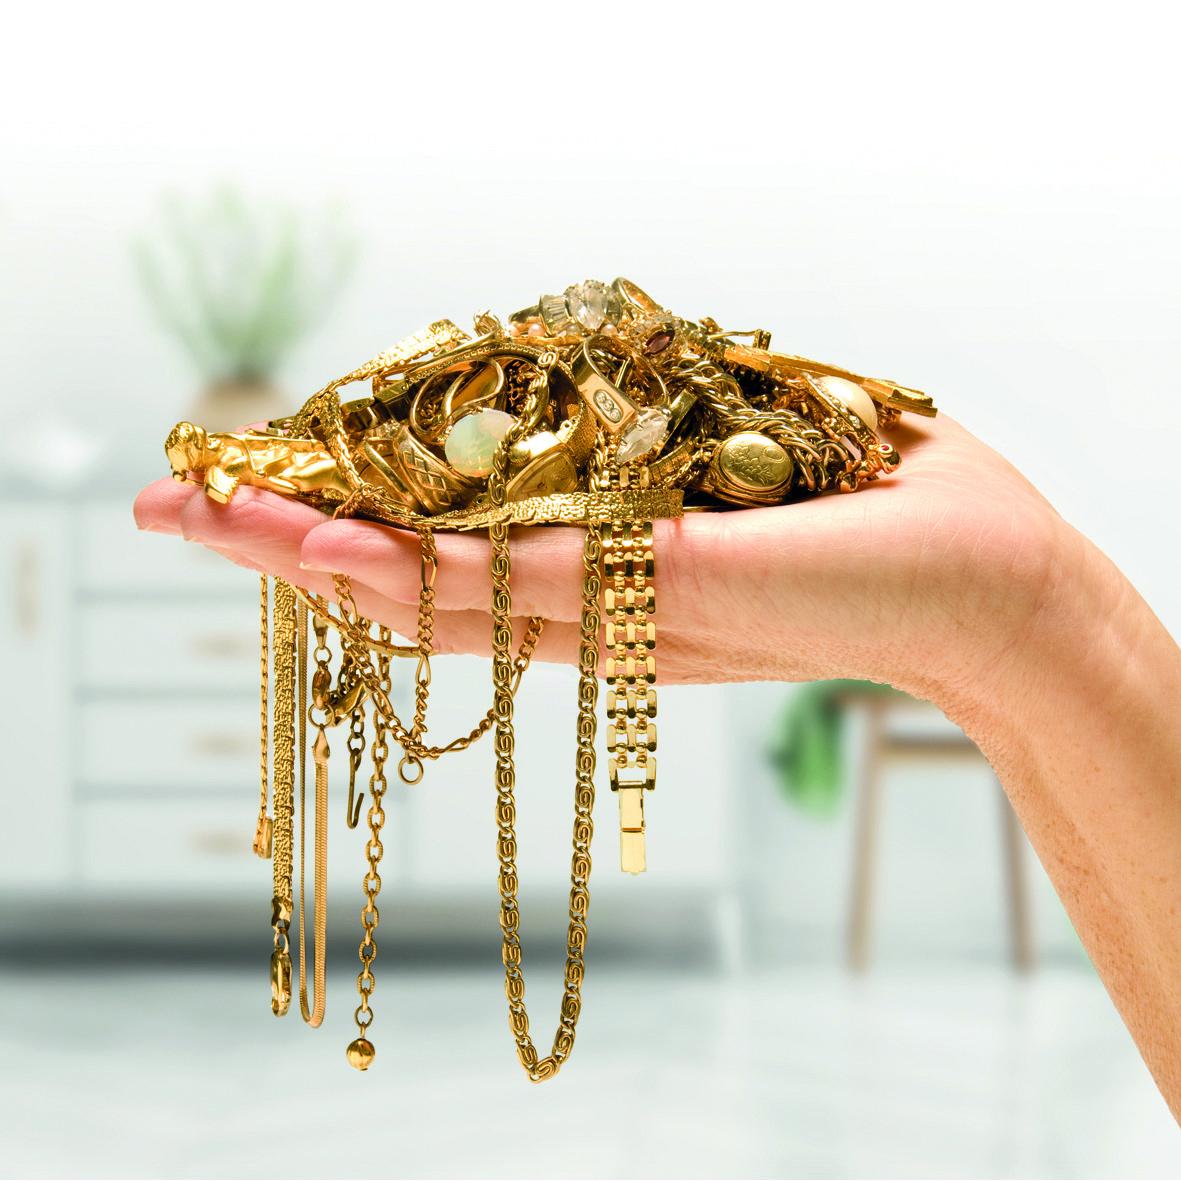 degussa erweitert niederlassung hamburg um neues. Black Bedroom Furniture Sets. Home Design Ideas